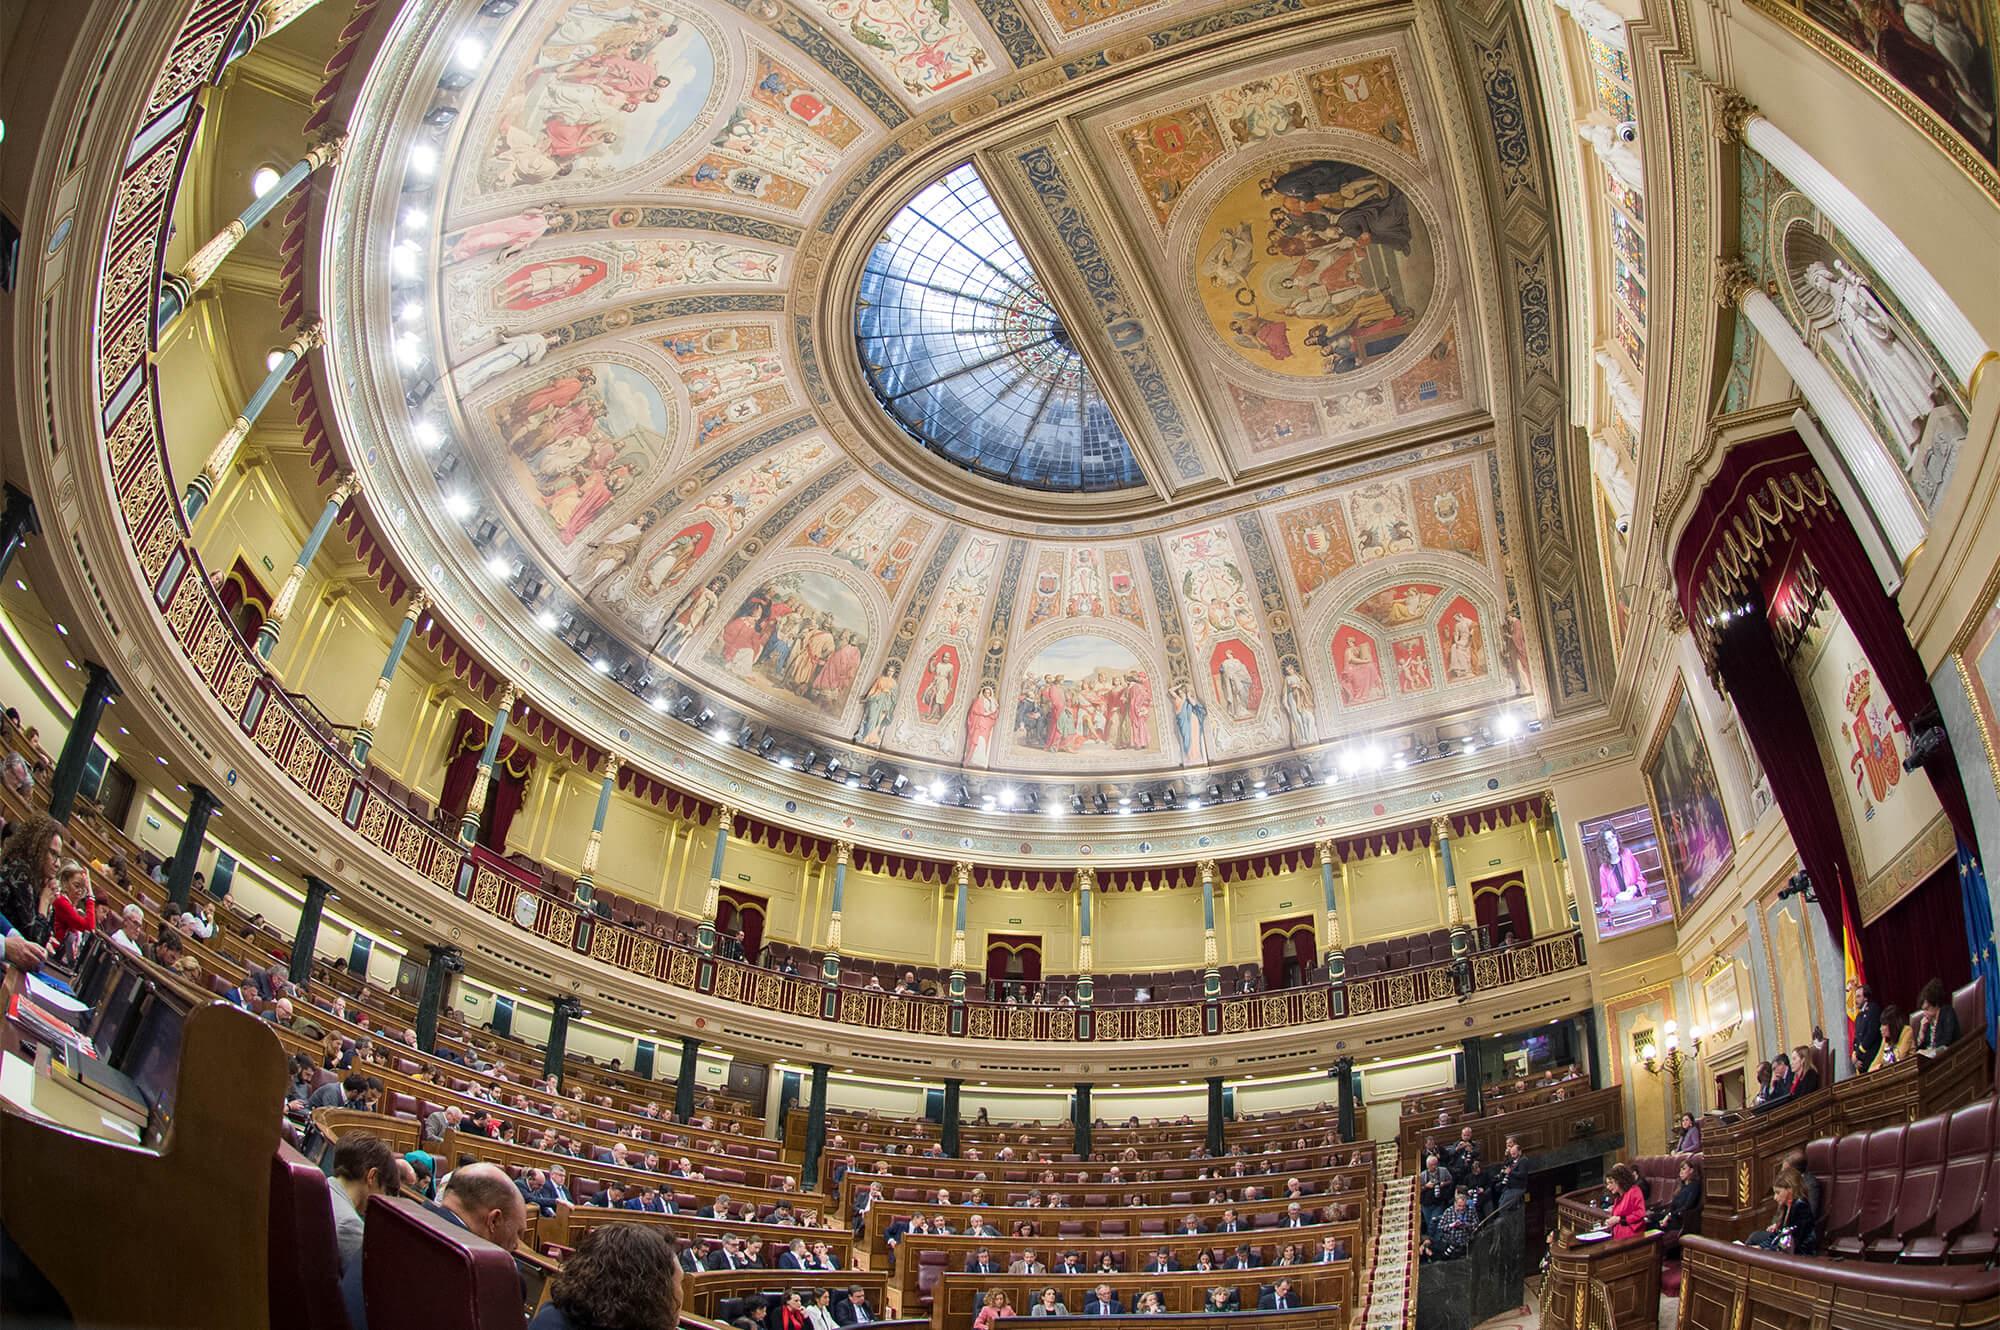 La ministra de Hacienda, María Jesús Montero, interviene en el hemiciclo del Congreso para presentar el Proyecto de Ley de Presupuestos Generales del Estado para el año 2019. Congreso de los Diputados, Madrid - 12/02/19.